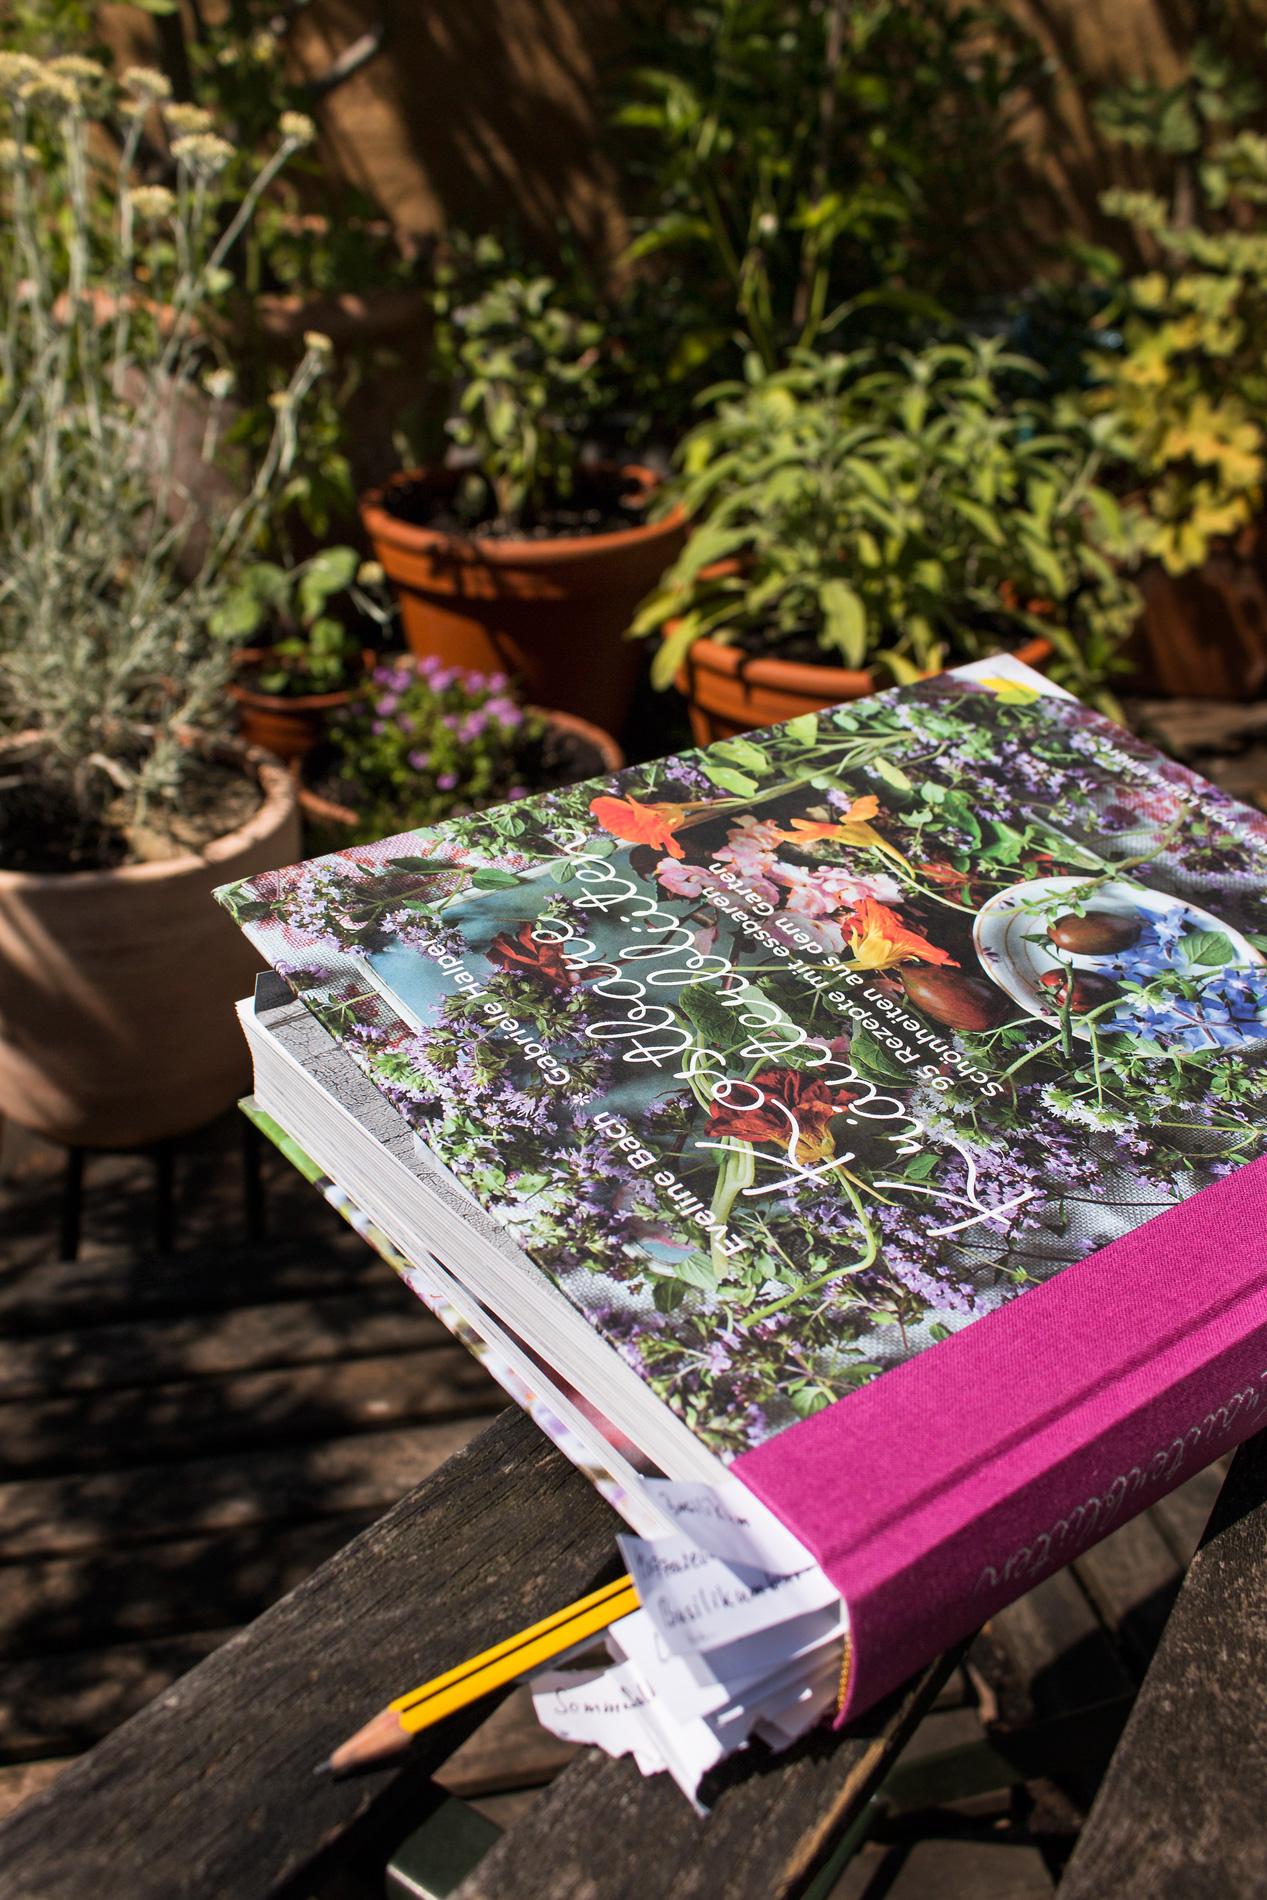 Kraeuterbluetenbuch